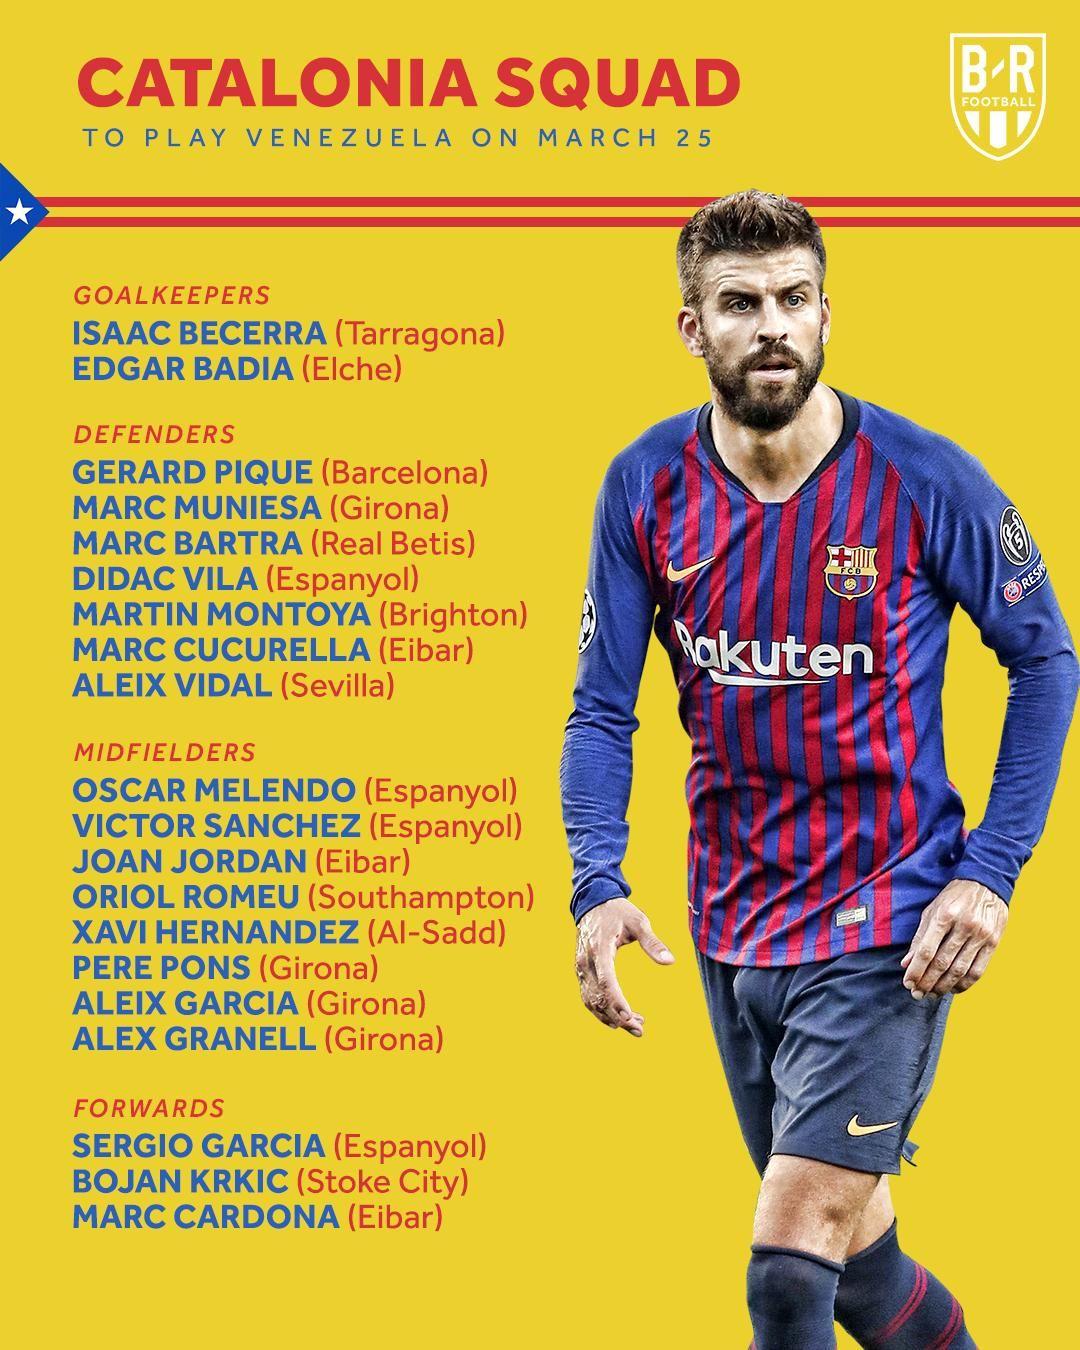 official photos 5ebd3 8173f OFFICIAL: Pique and Xavi called up for Catalonia - Tribuna.com